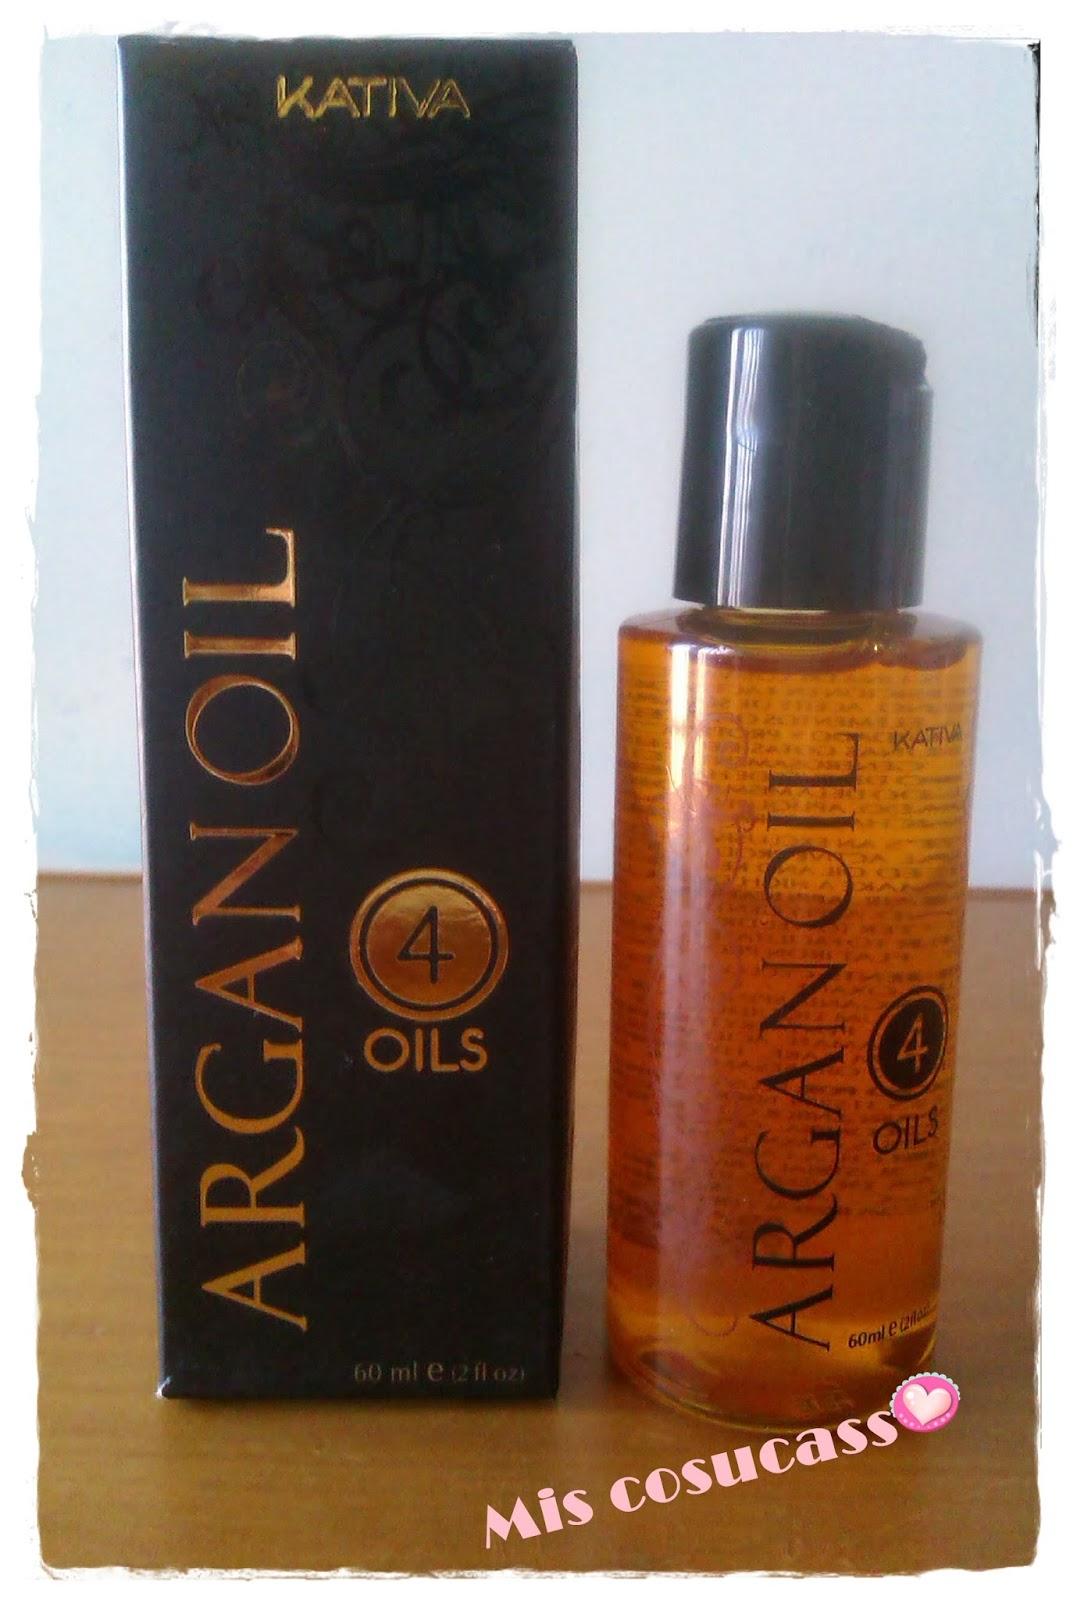 4 OILS es una exclusiva fórmula concentrada que basa su composición en 4 activos naturales Aceite de Argán, rico en vitamina E y aceites esenciales,